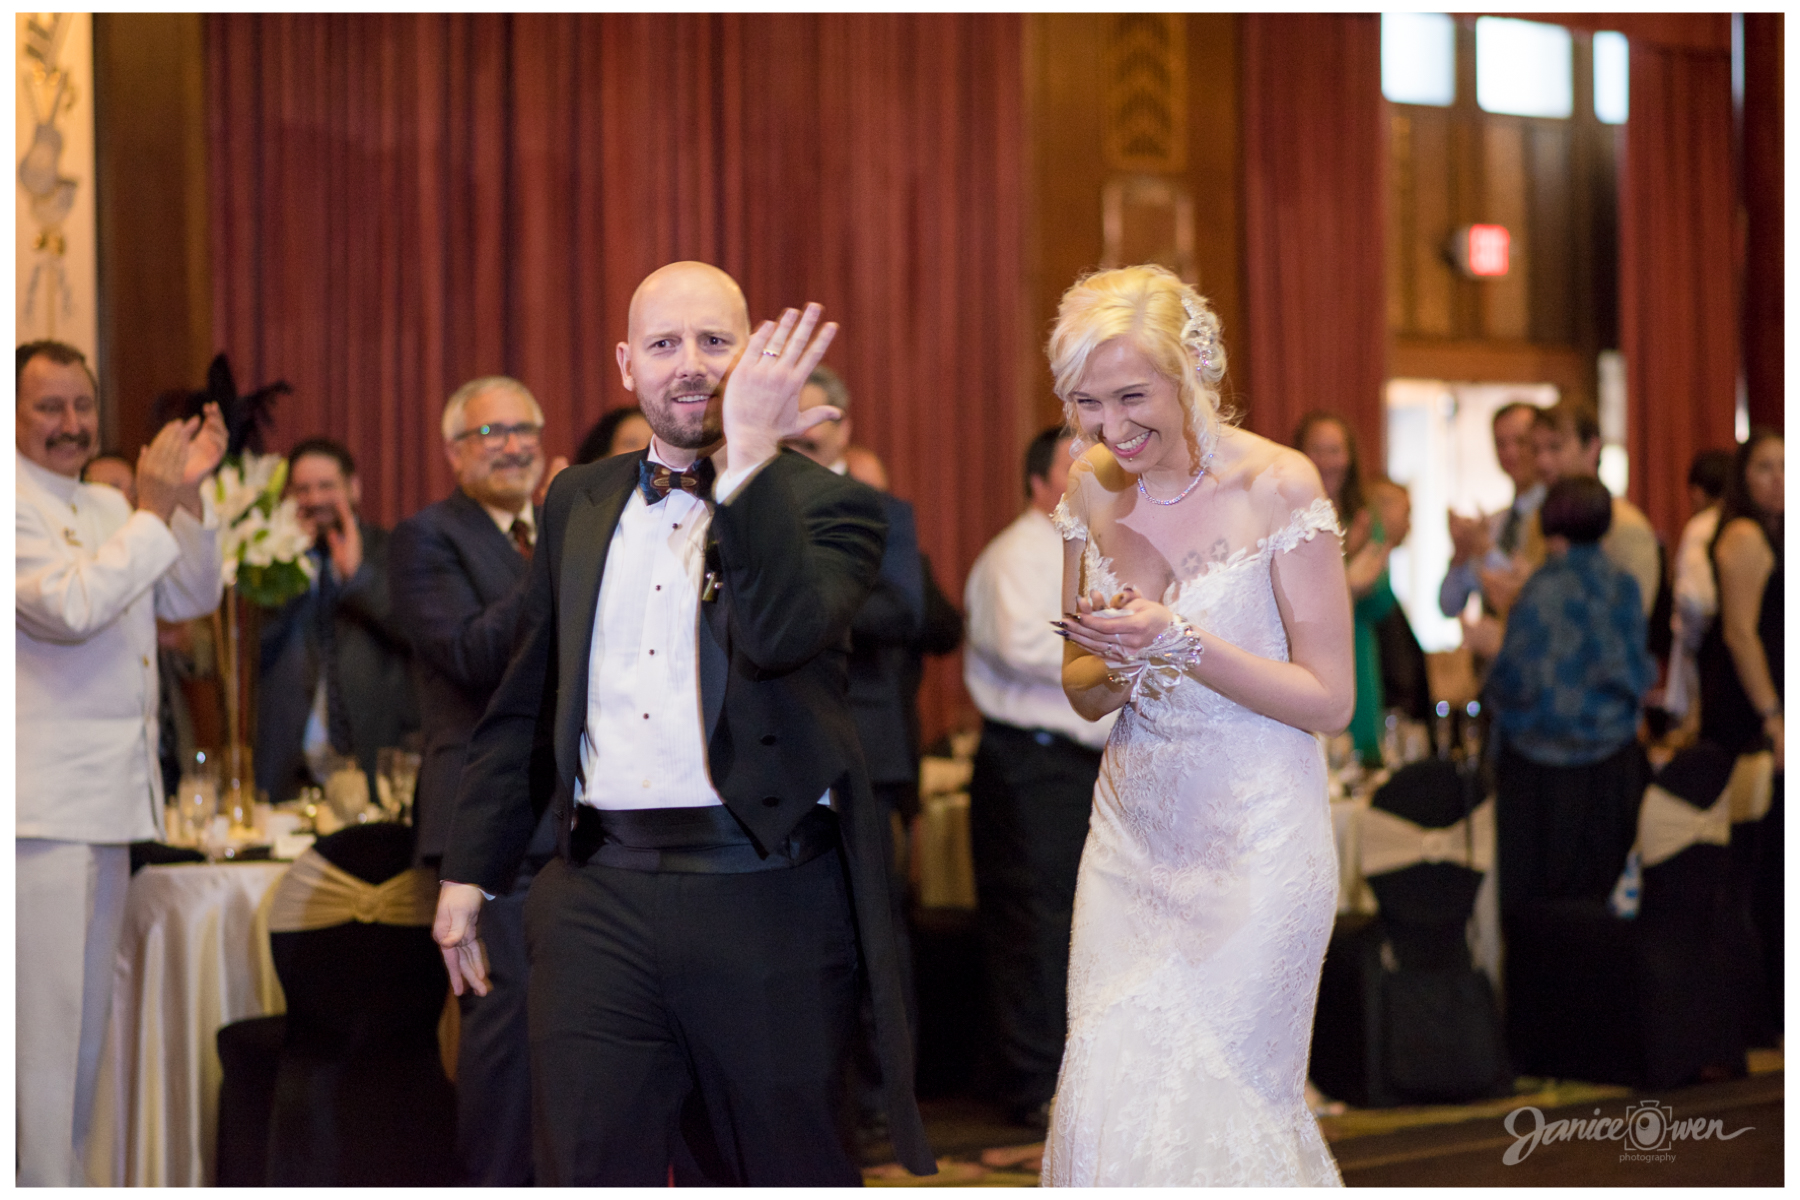 janiceowenphotography_wedding88.jpg